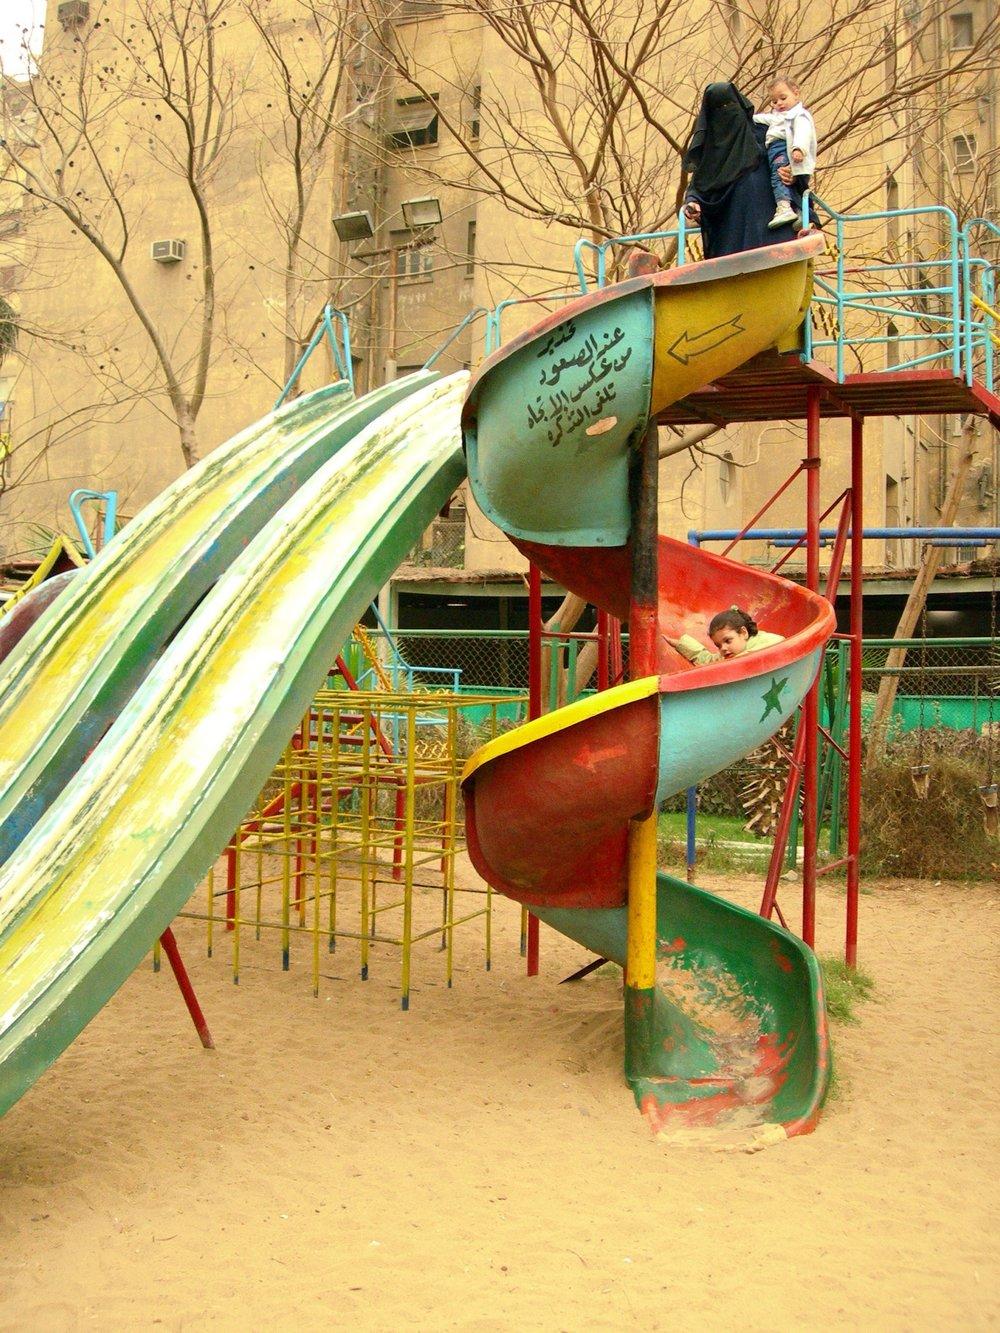 El-Sayyida Park #01, 2008, C-print, dimensions variable.